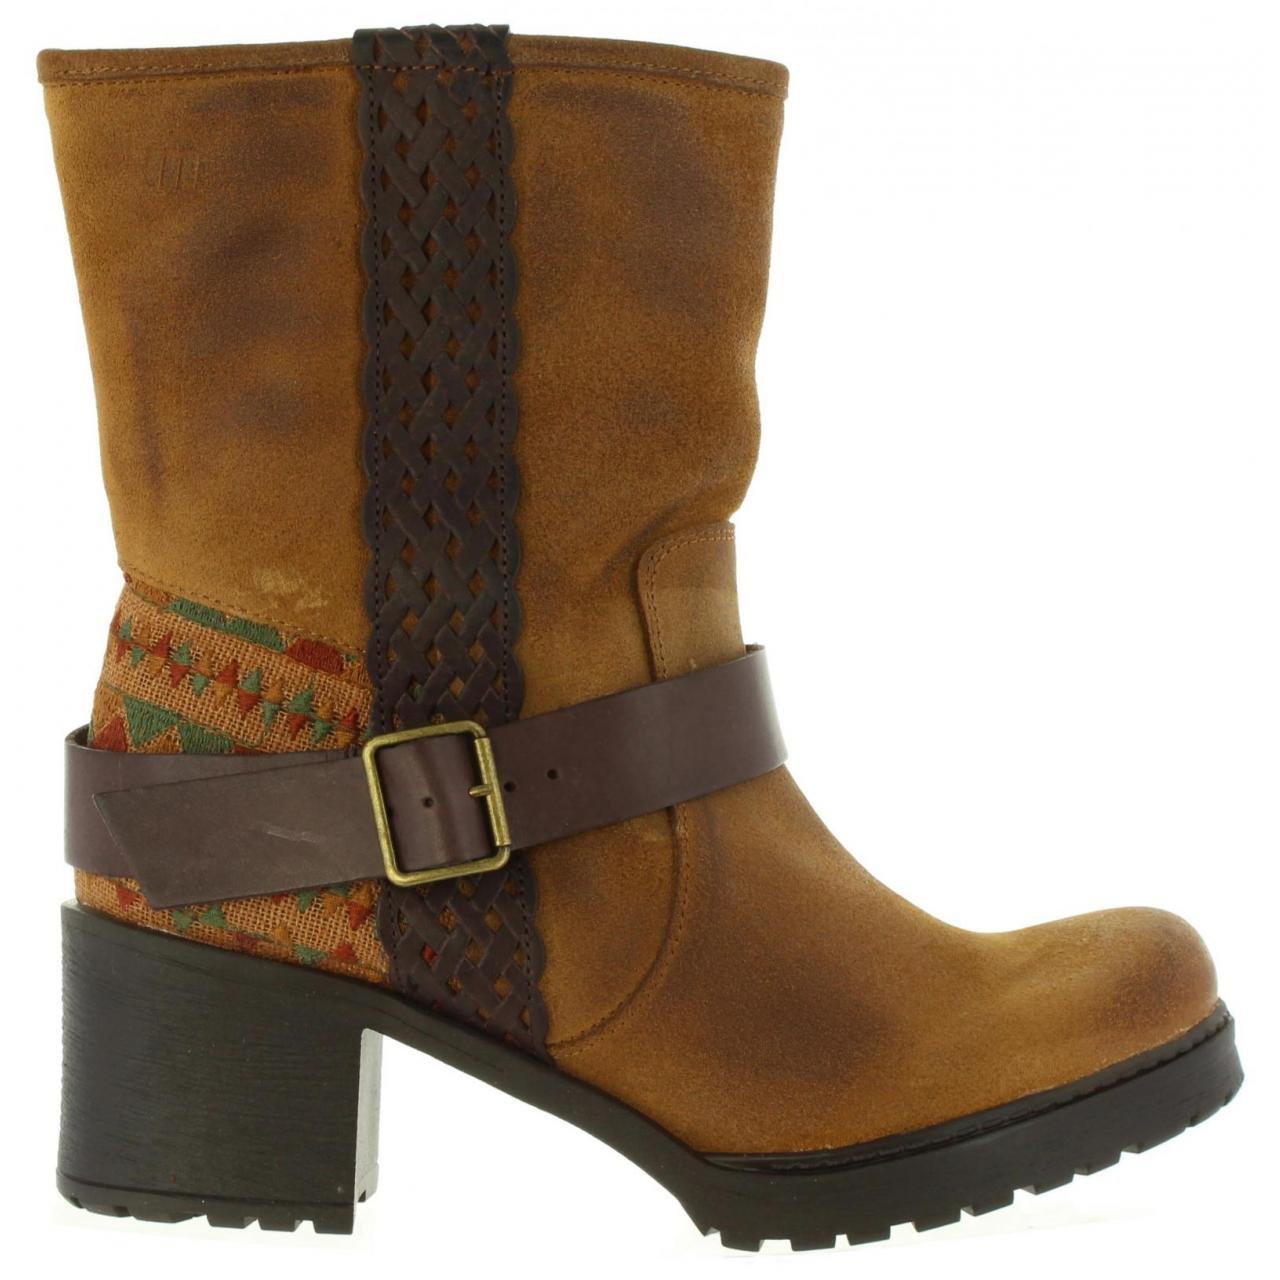 MTNG Stiefel für Damen 93953 C18446 Ser Whisky